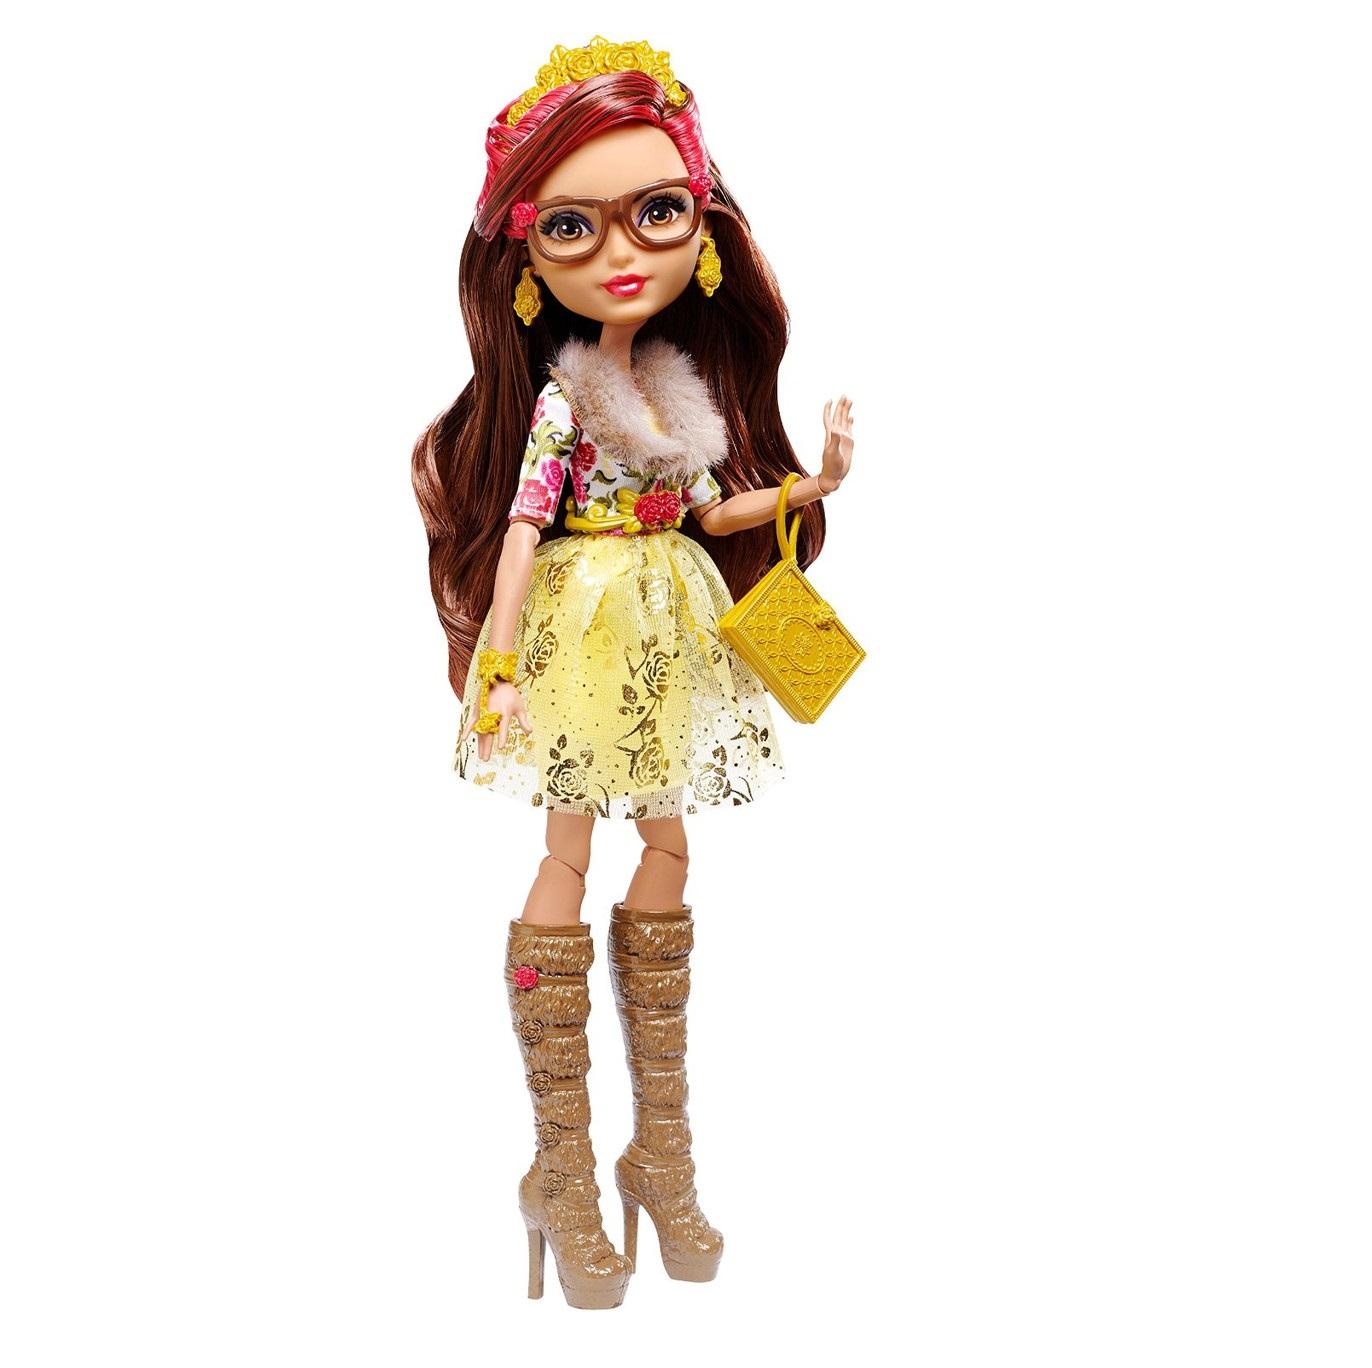 объясняется традиция картинки эвер афтер хай куклы новые двери хай-тек оконные